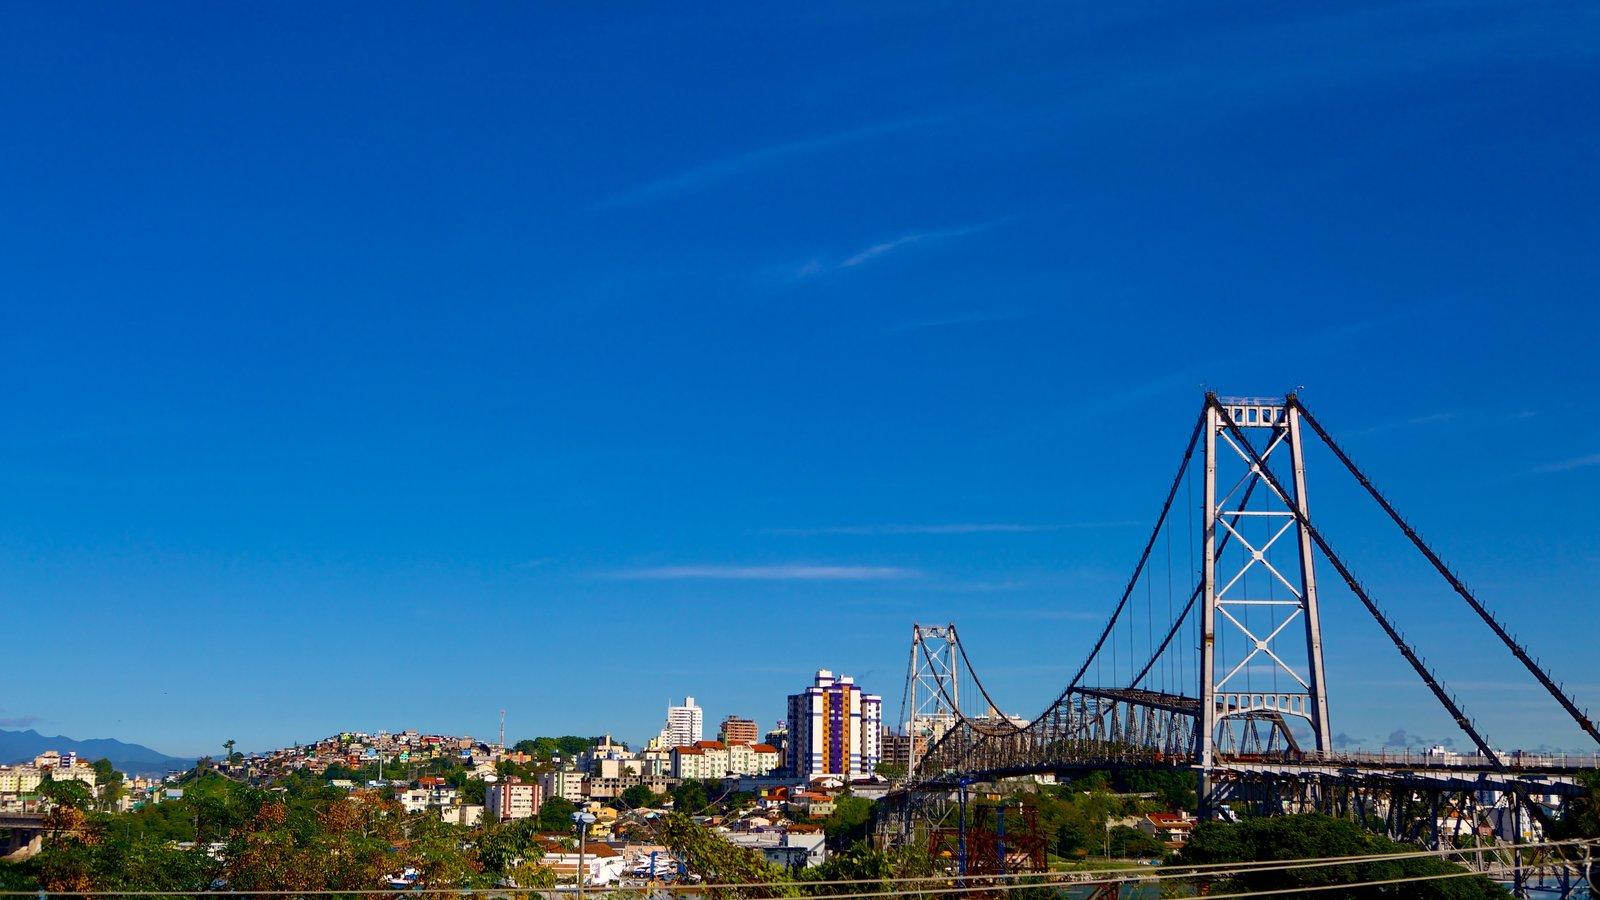 Ponte Hercílio Luz mostrando uma ponte e uma cidade